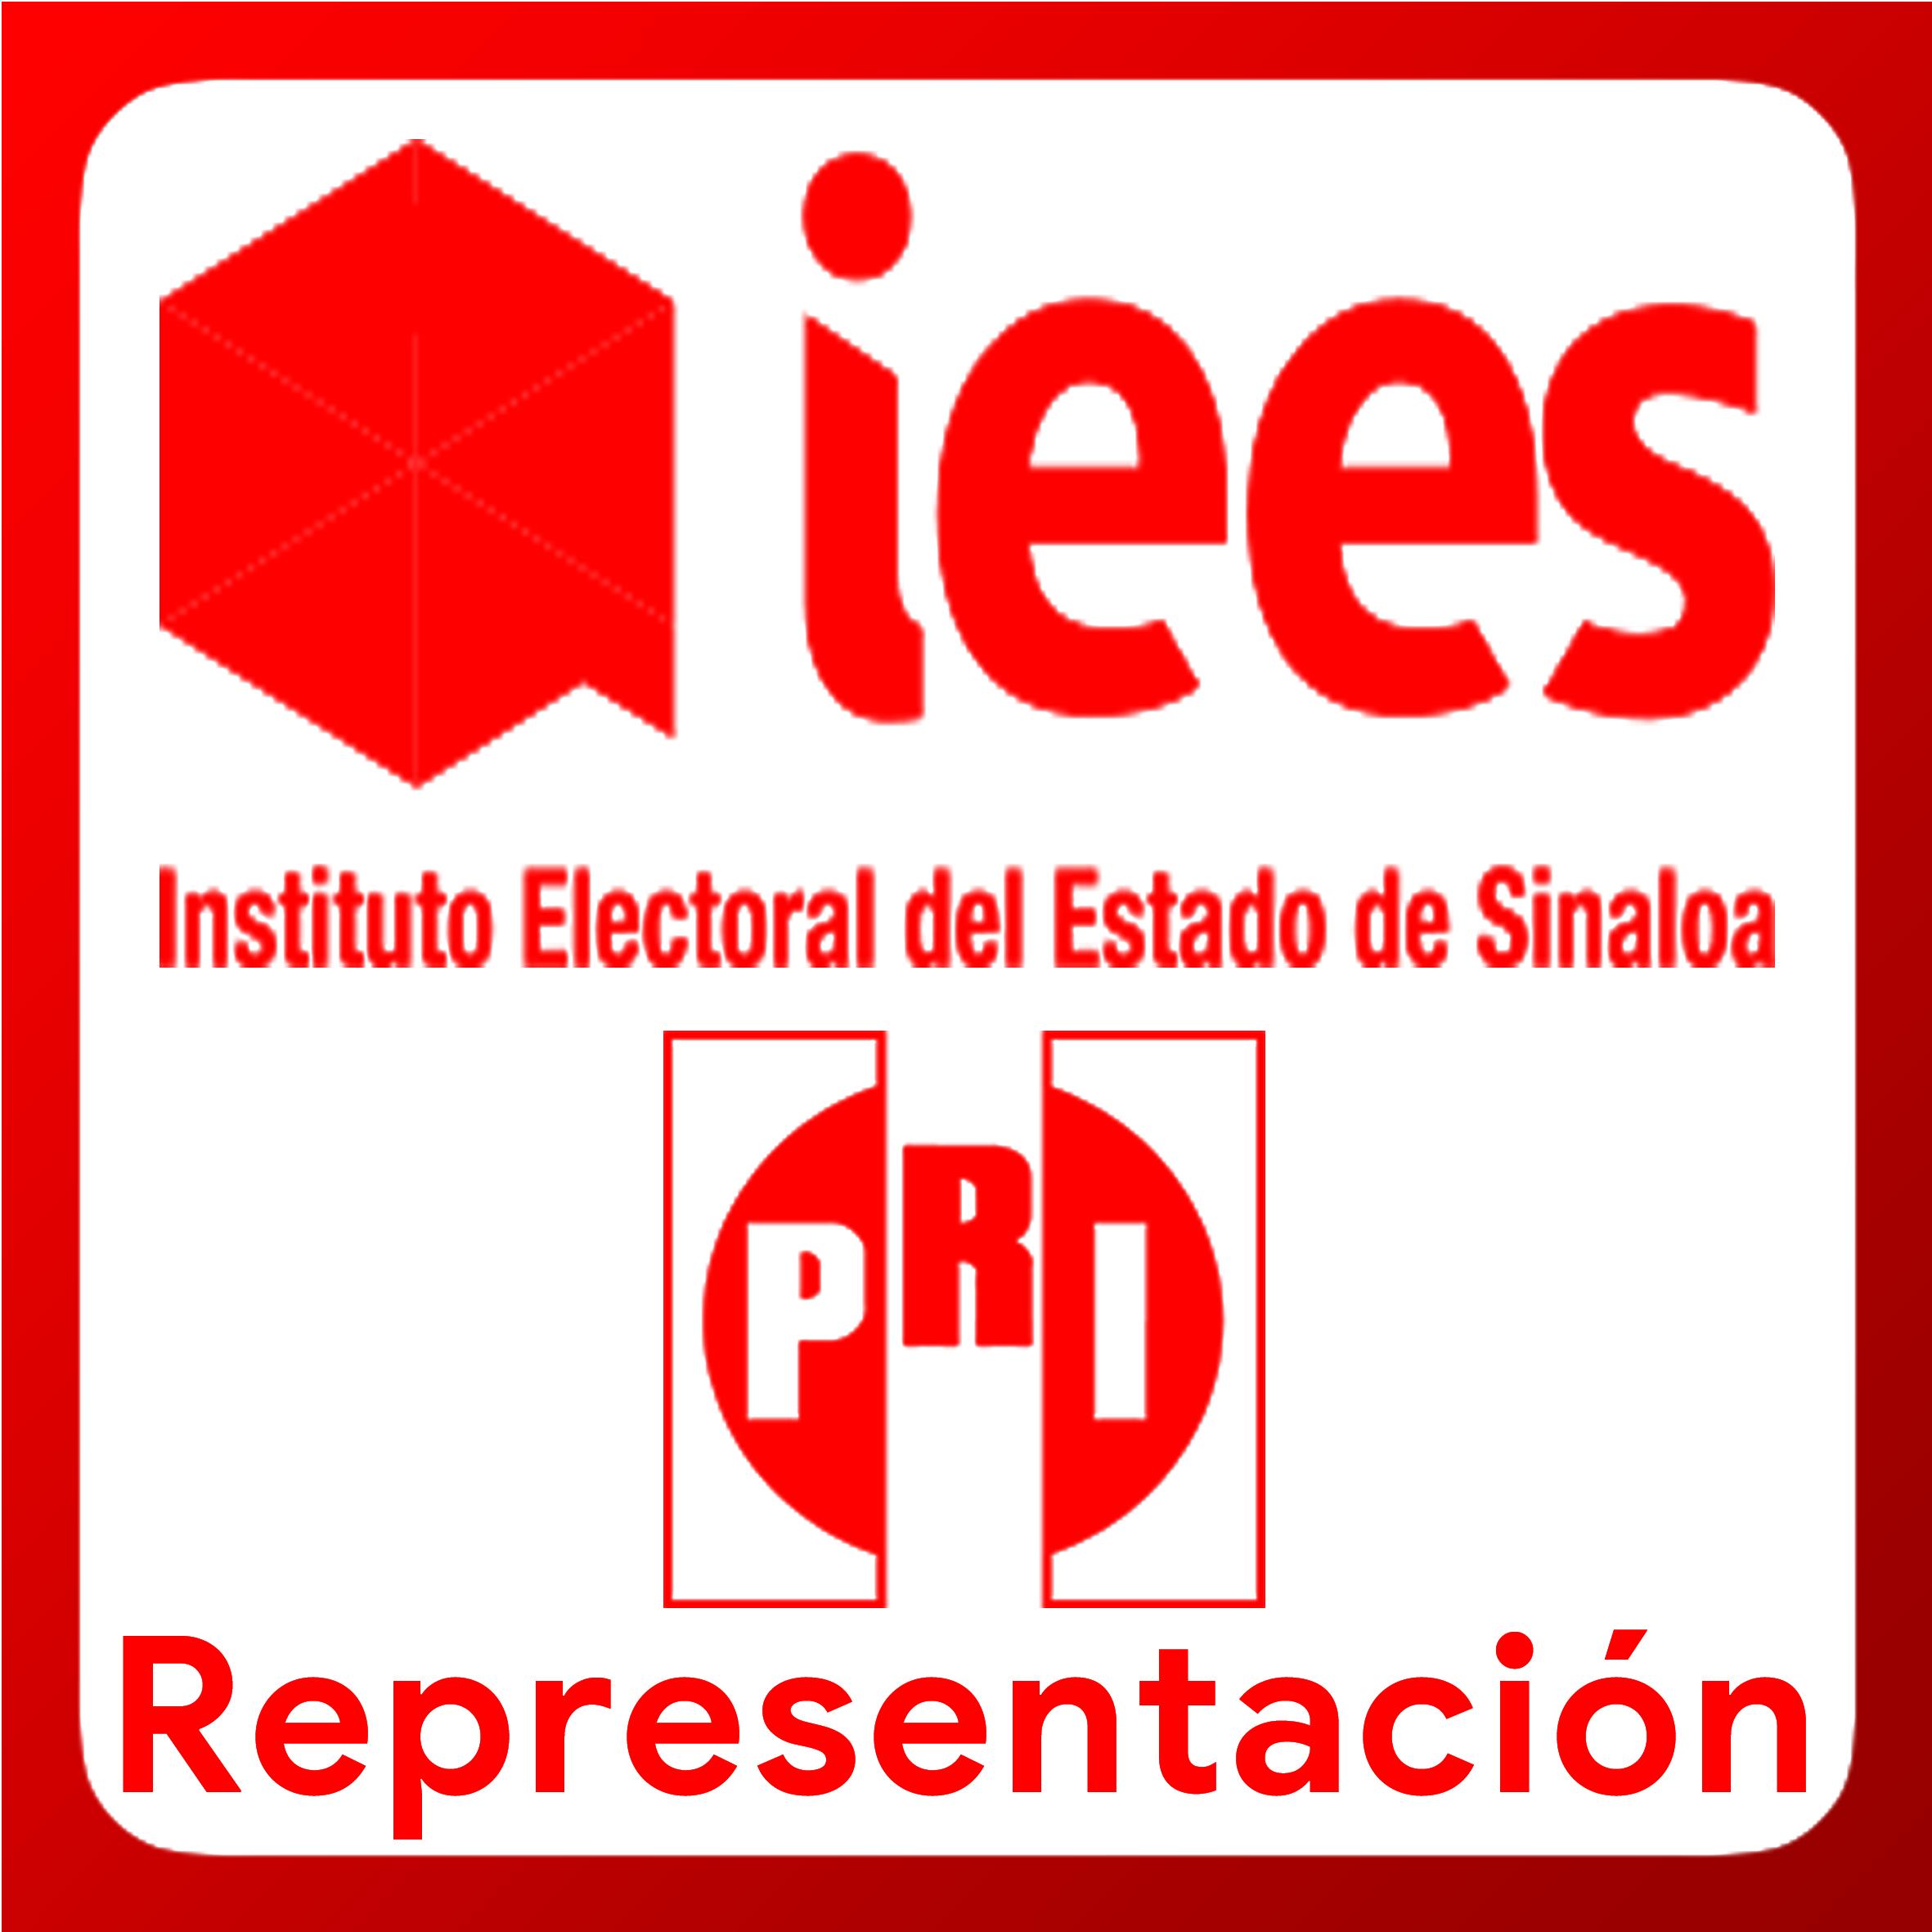 Boton activable de Representación ante los Consejos General, Distritales y Municipales del Instituto Electoral del Estado de Sinaloa